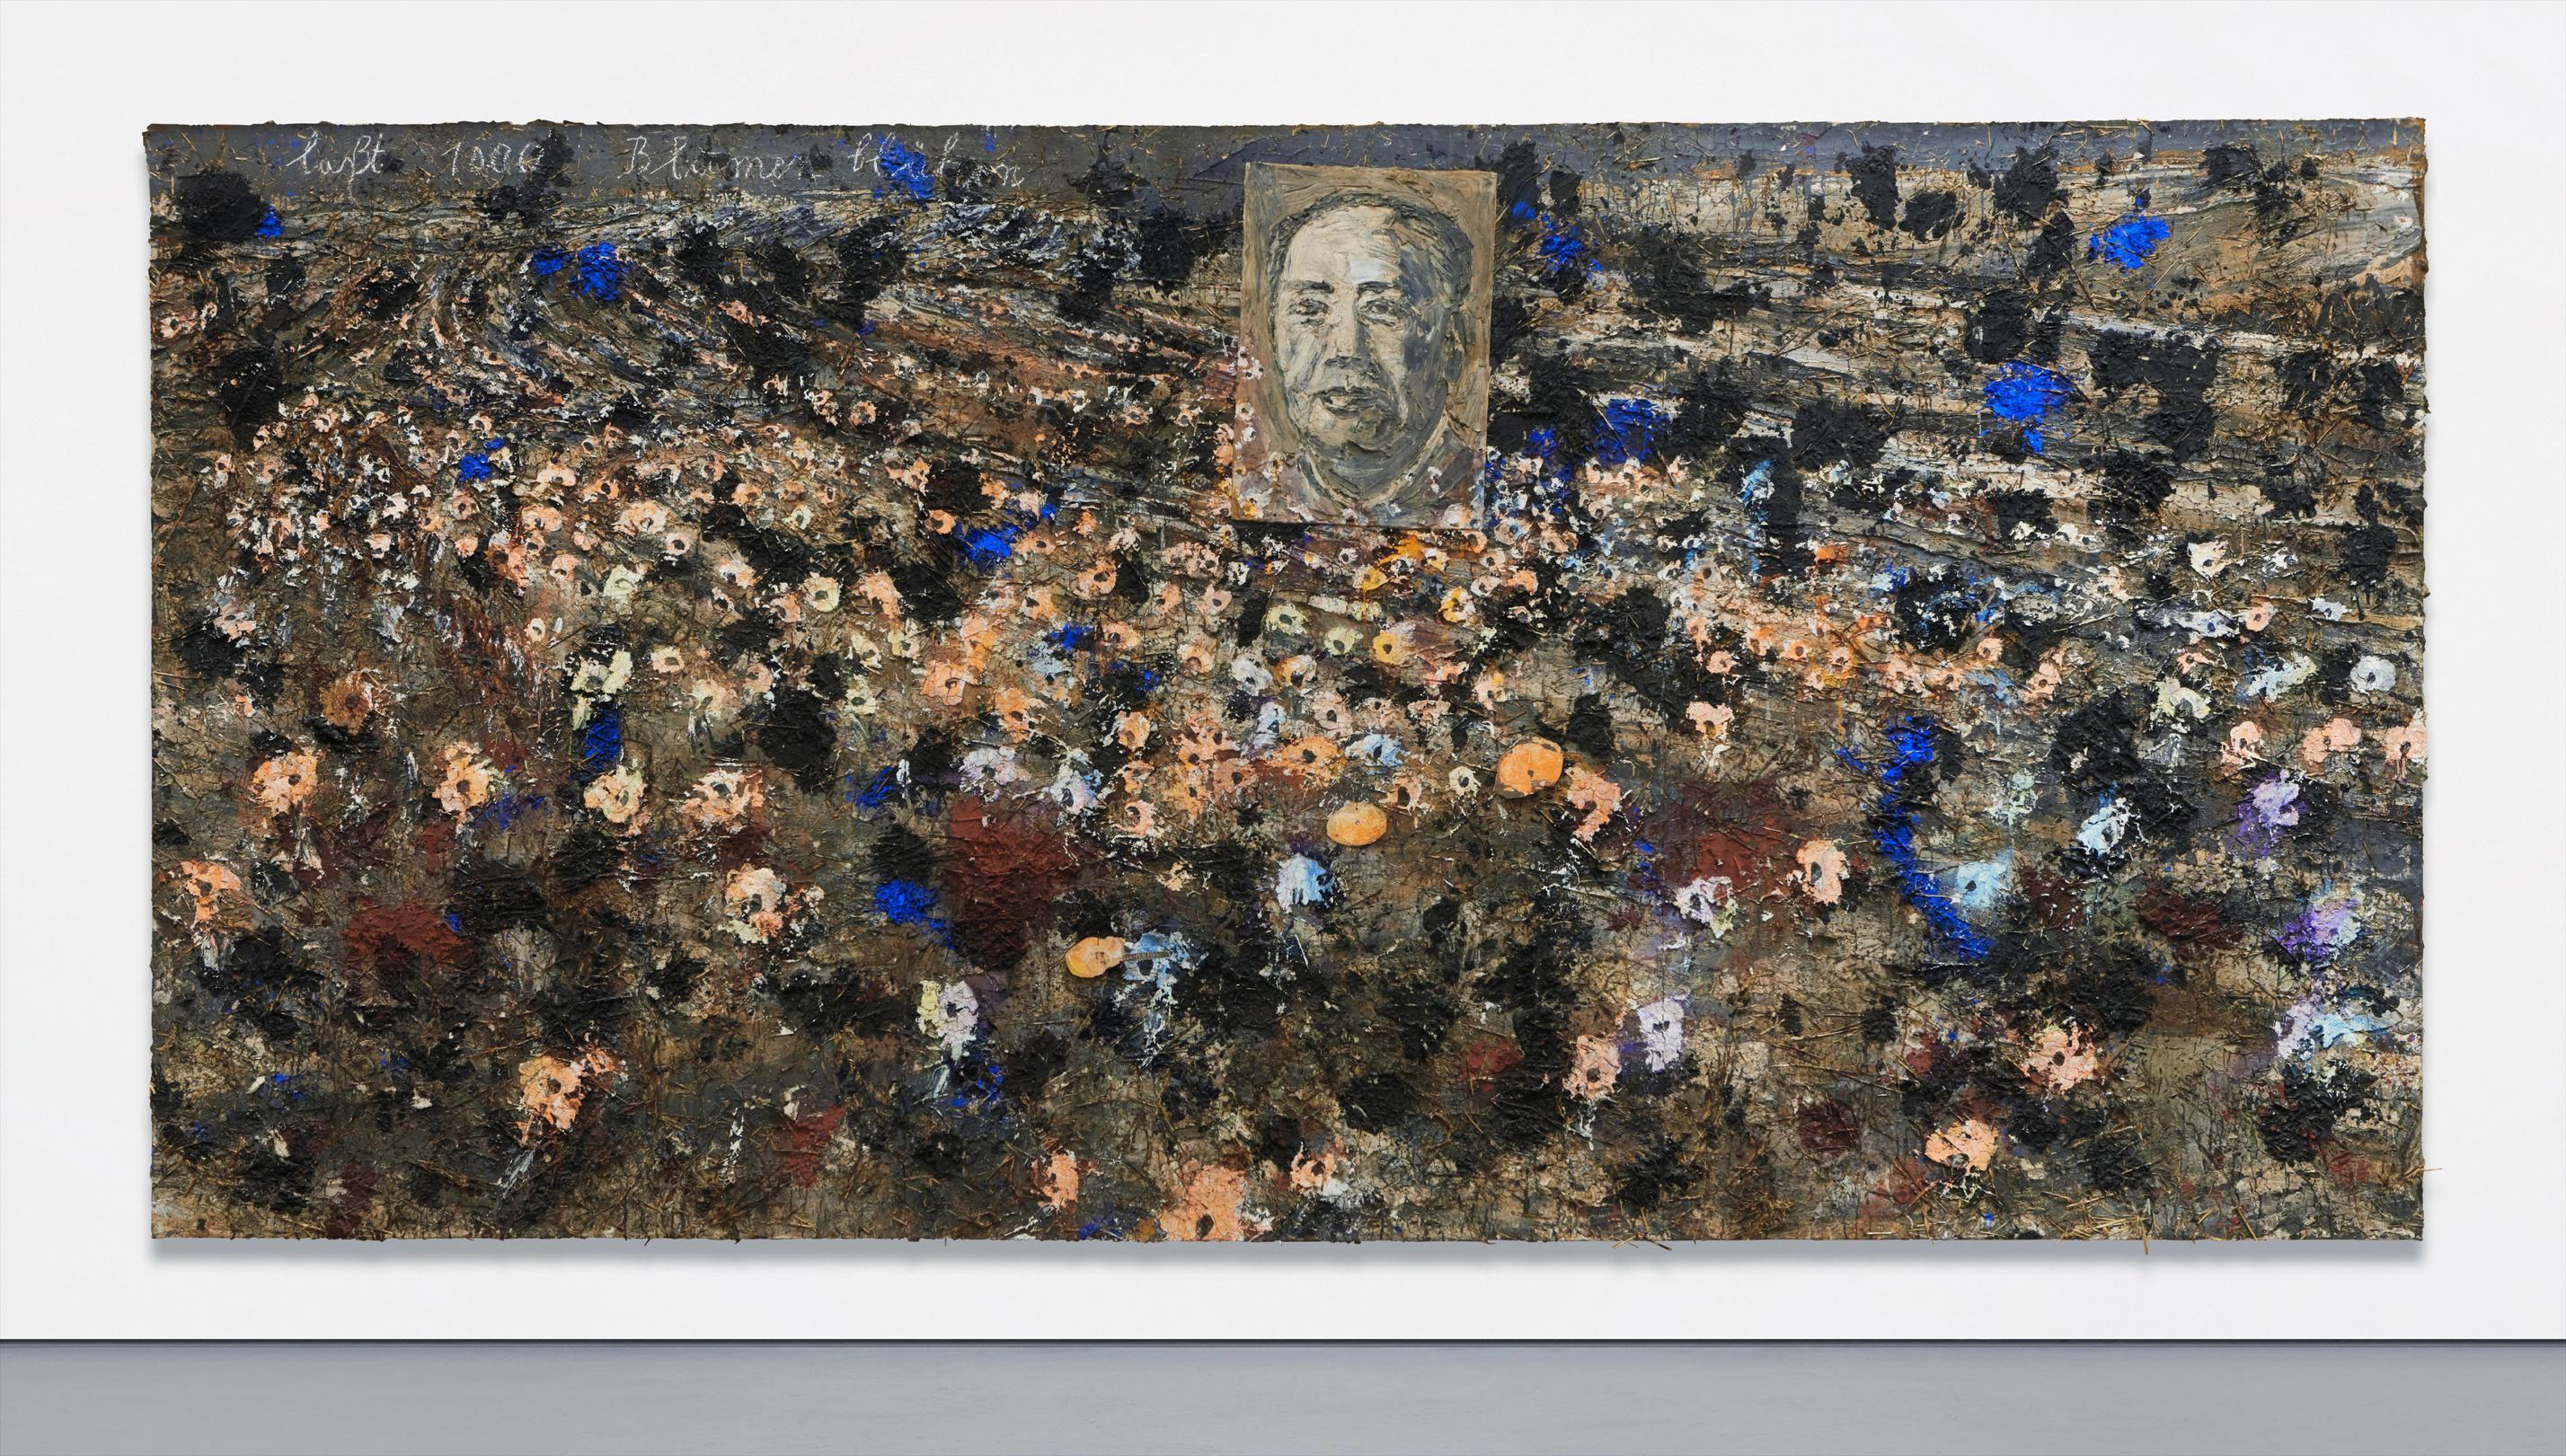 Anselm Kiefer-Lasst 1000 Blumen Bluhen (Let 1000 Flowers Bloom)-2007